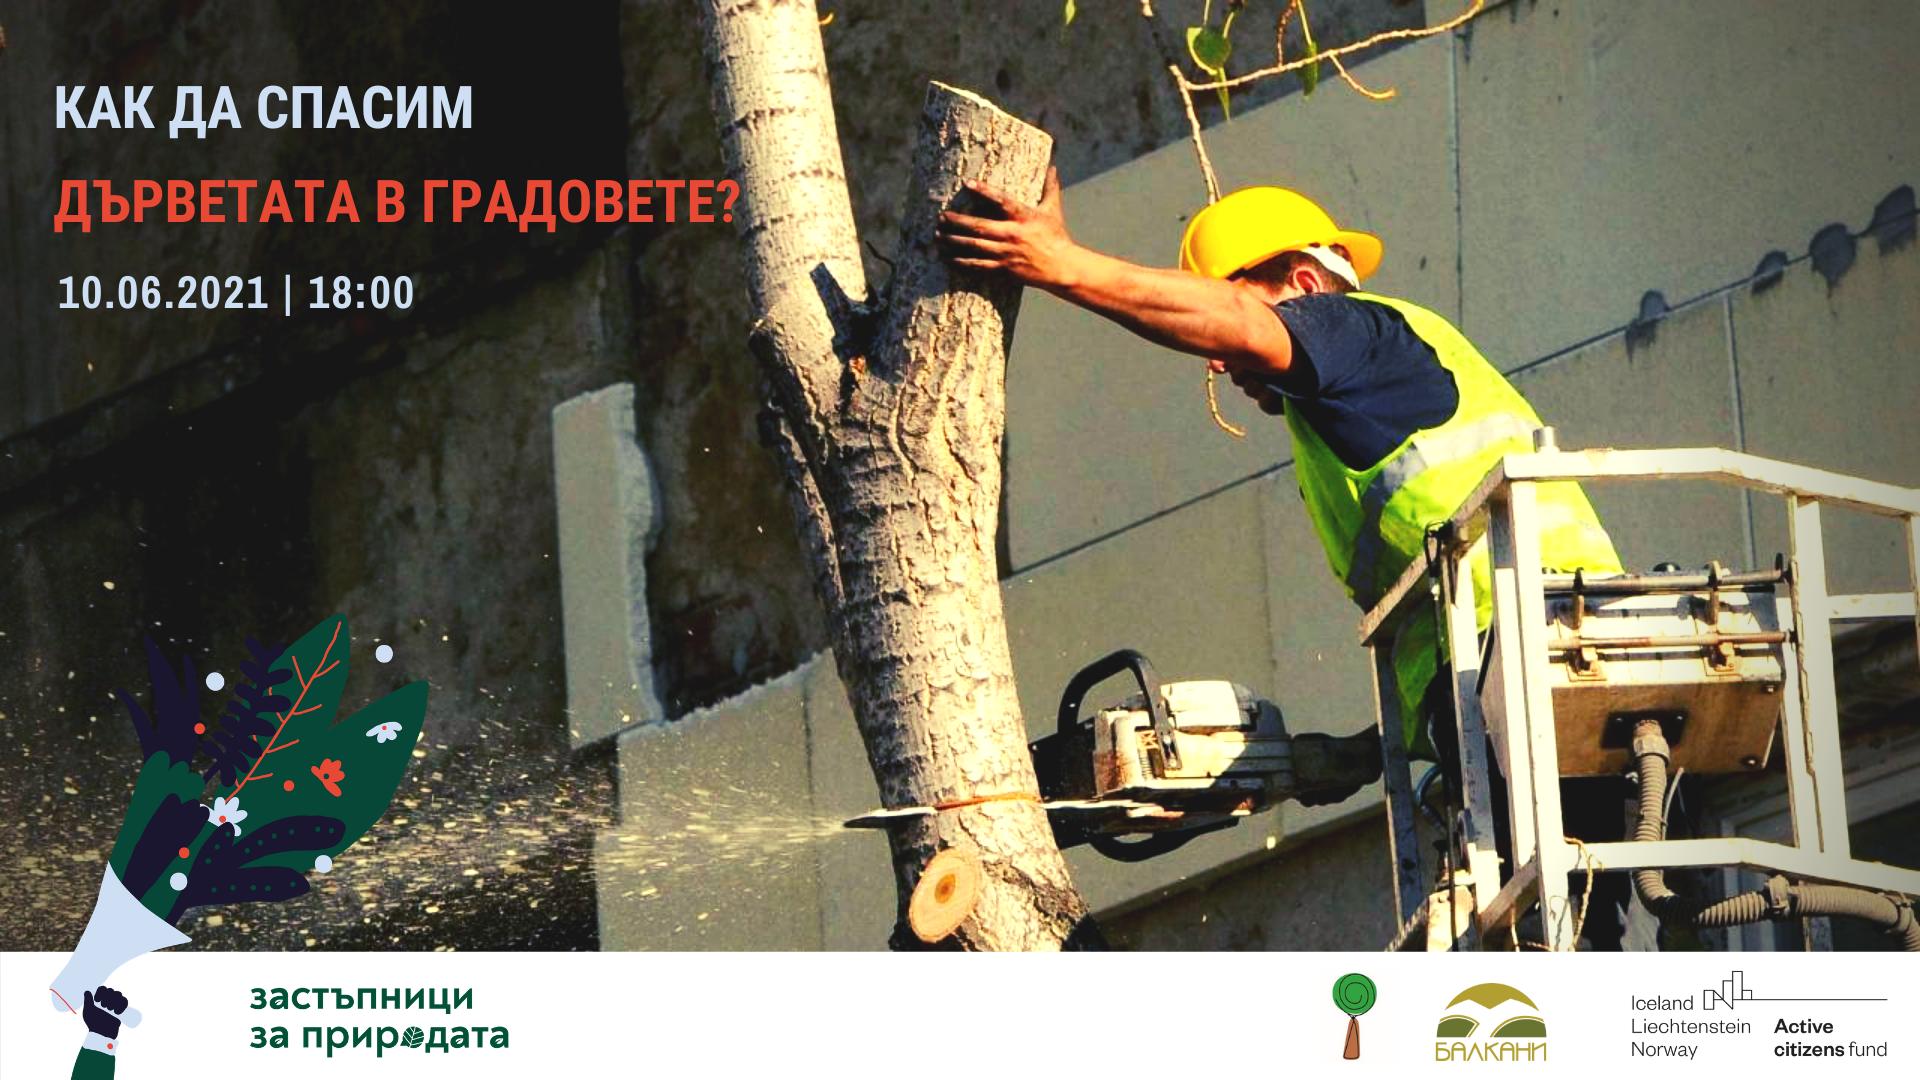 Обучение Как да спасим дърветата в градовете?